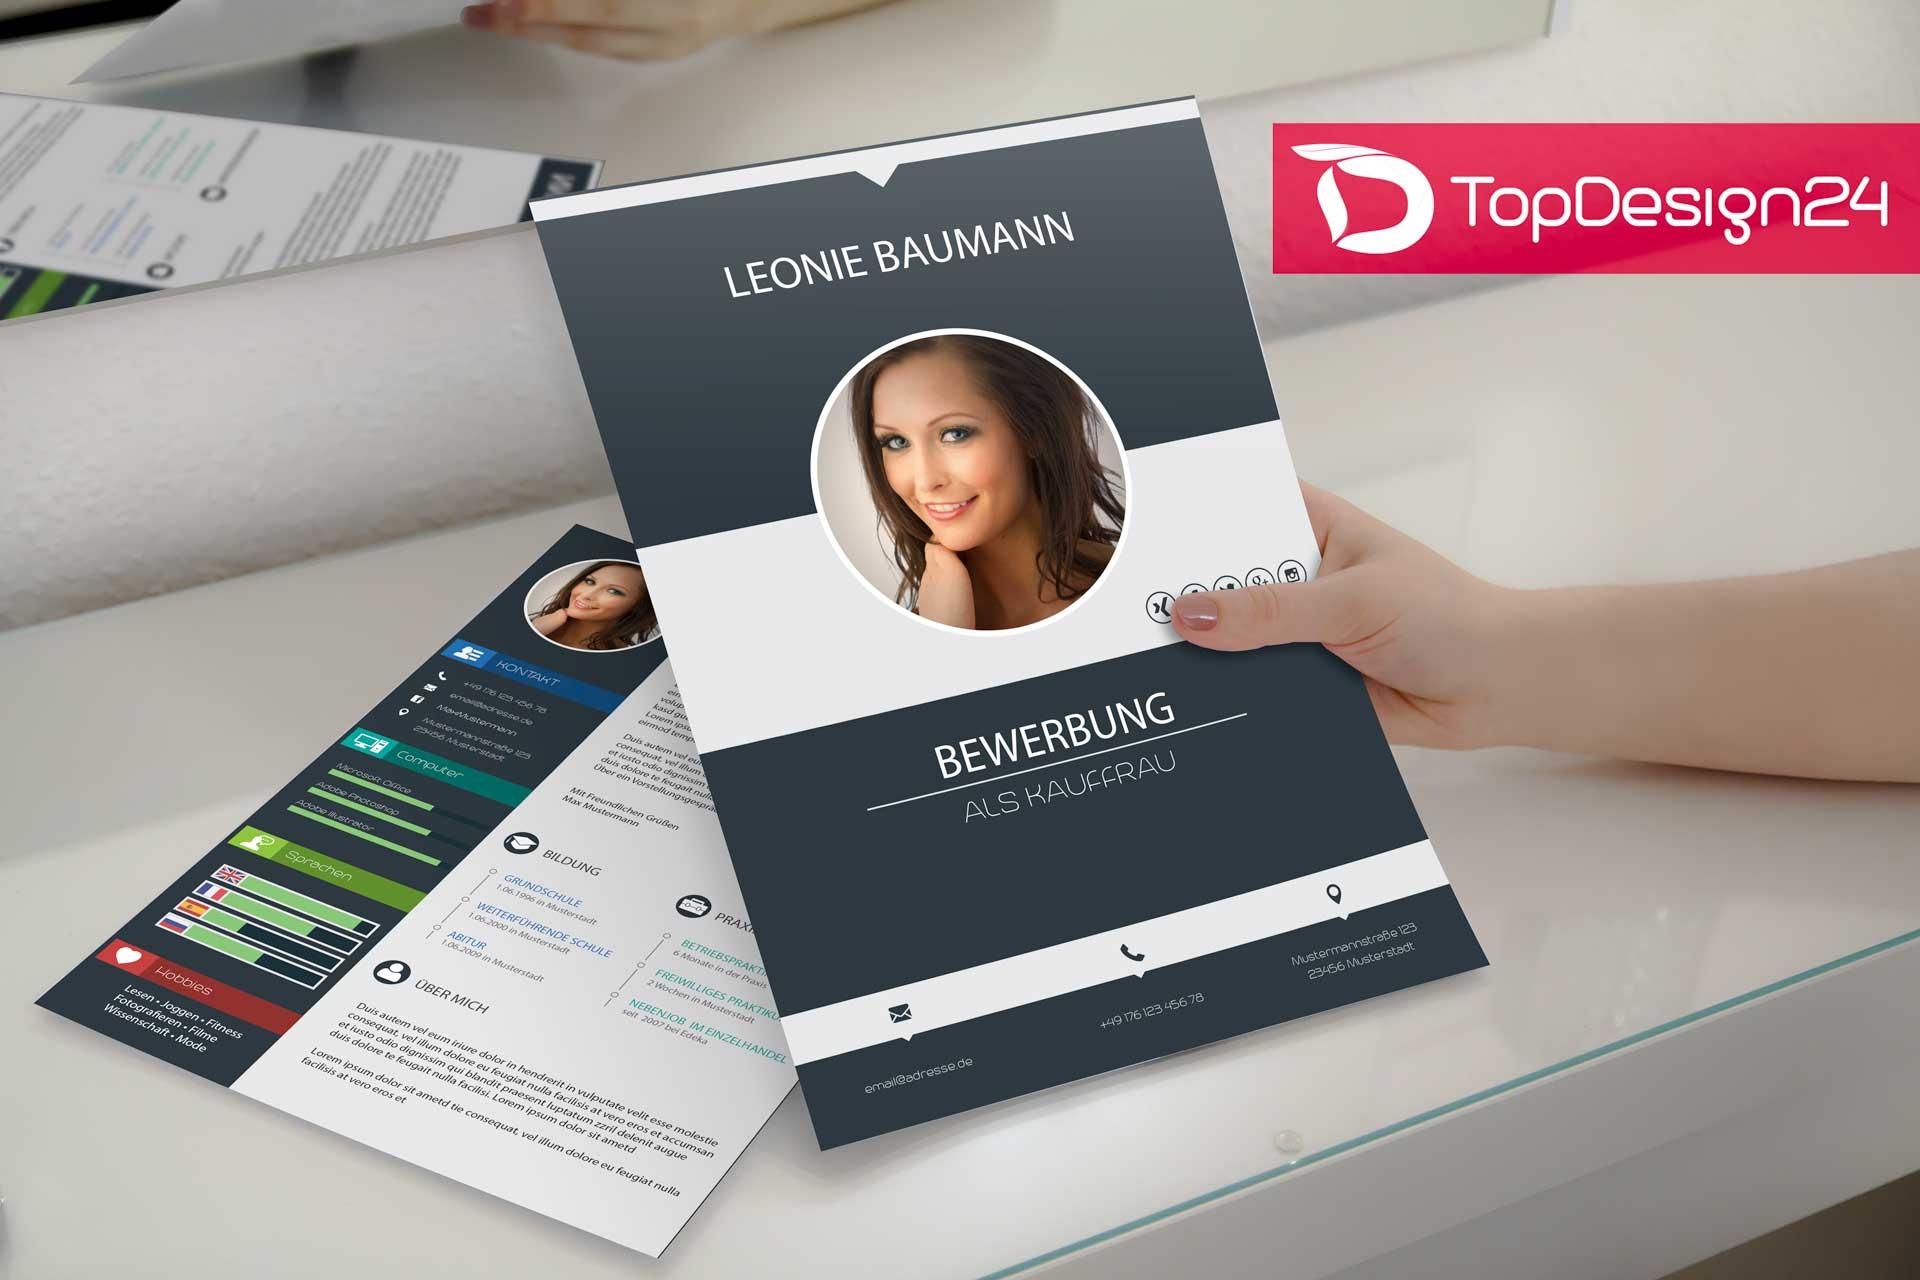 Design Bewerbung Kreativ Topdesign24 Deckblatt Lebens